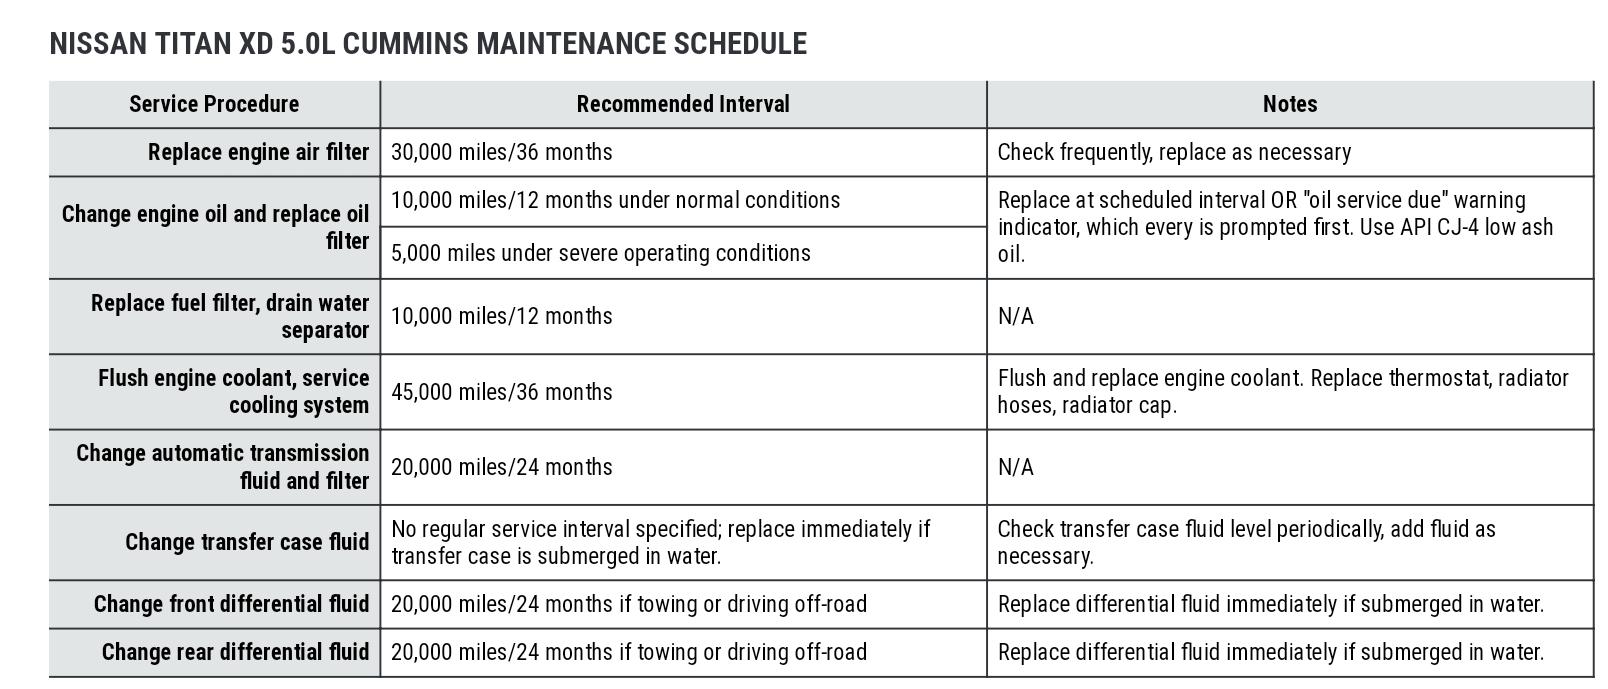 Maintenance Schedule | Nissan Titan XD Forum